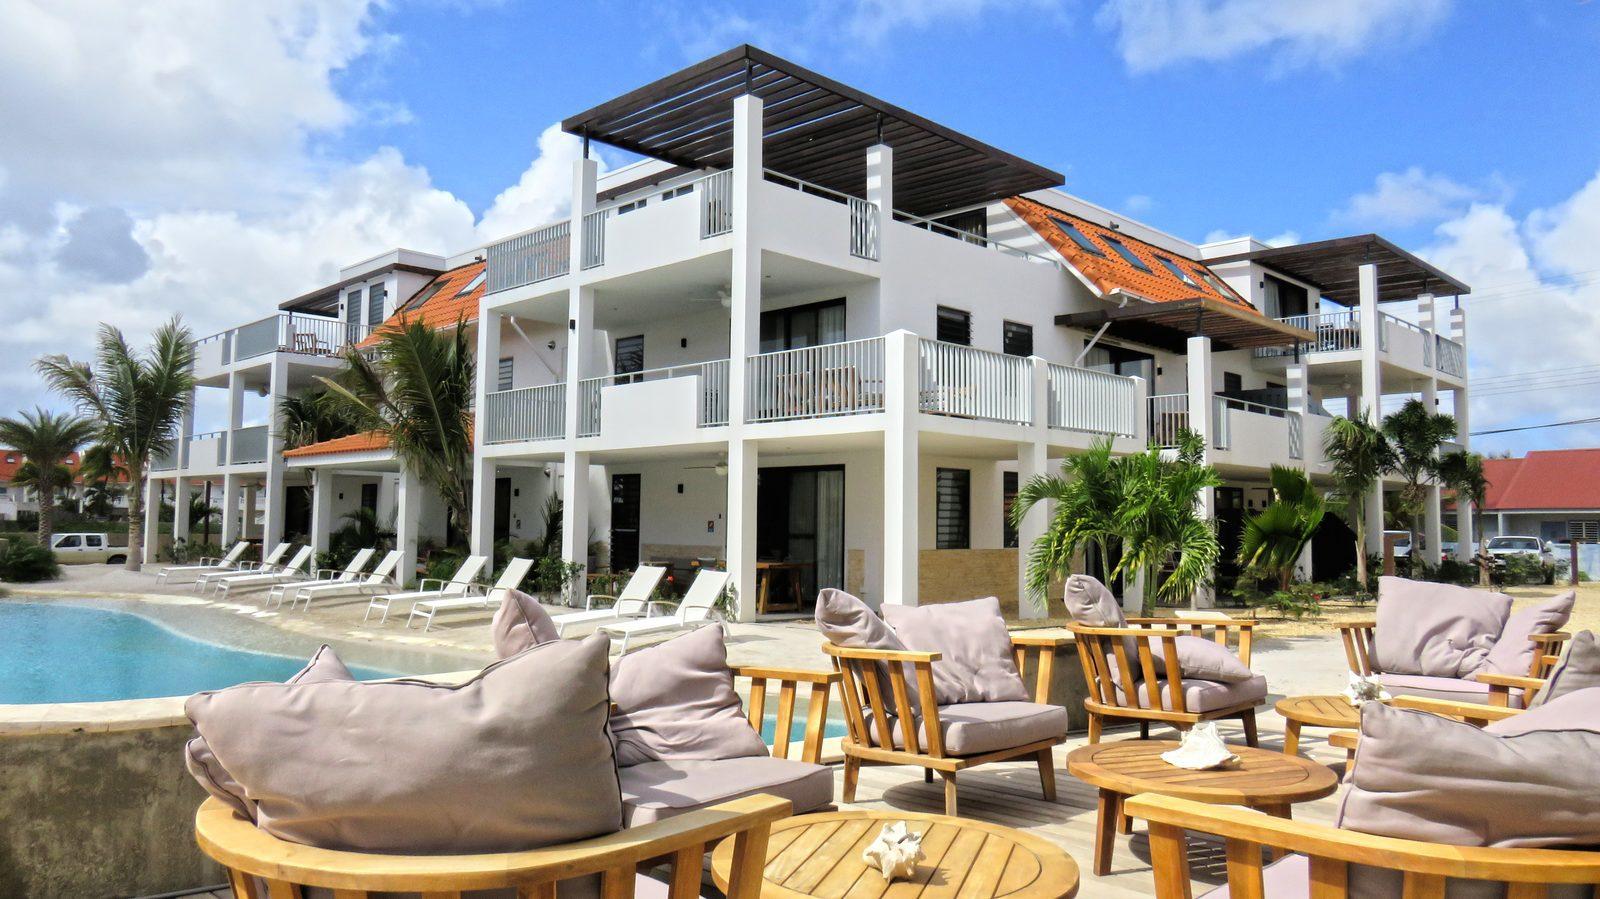 Procura uma casa para alugar em Bonaire? Dê uma olhadela às opções do Resort Bonaire.